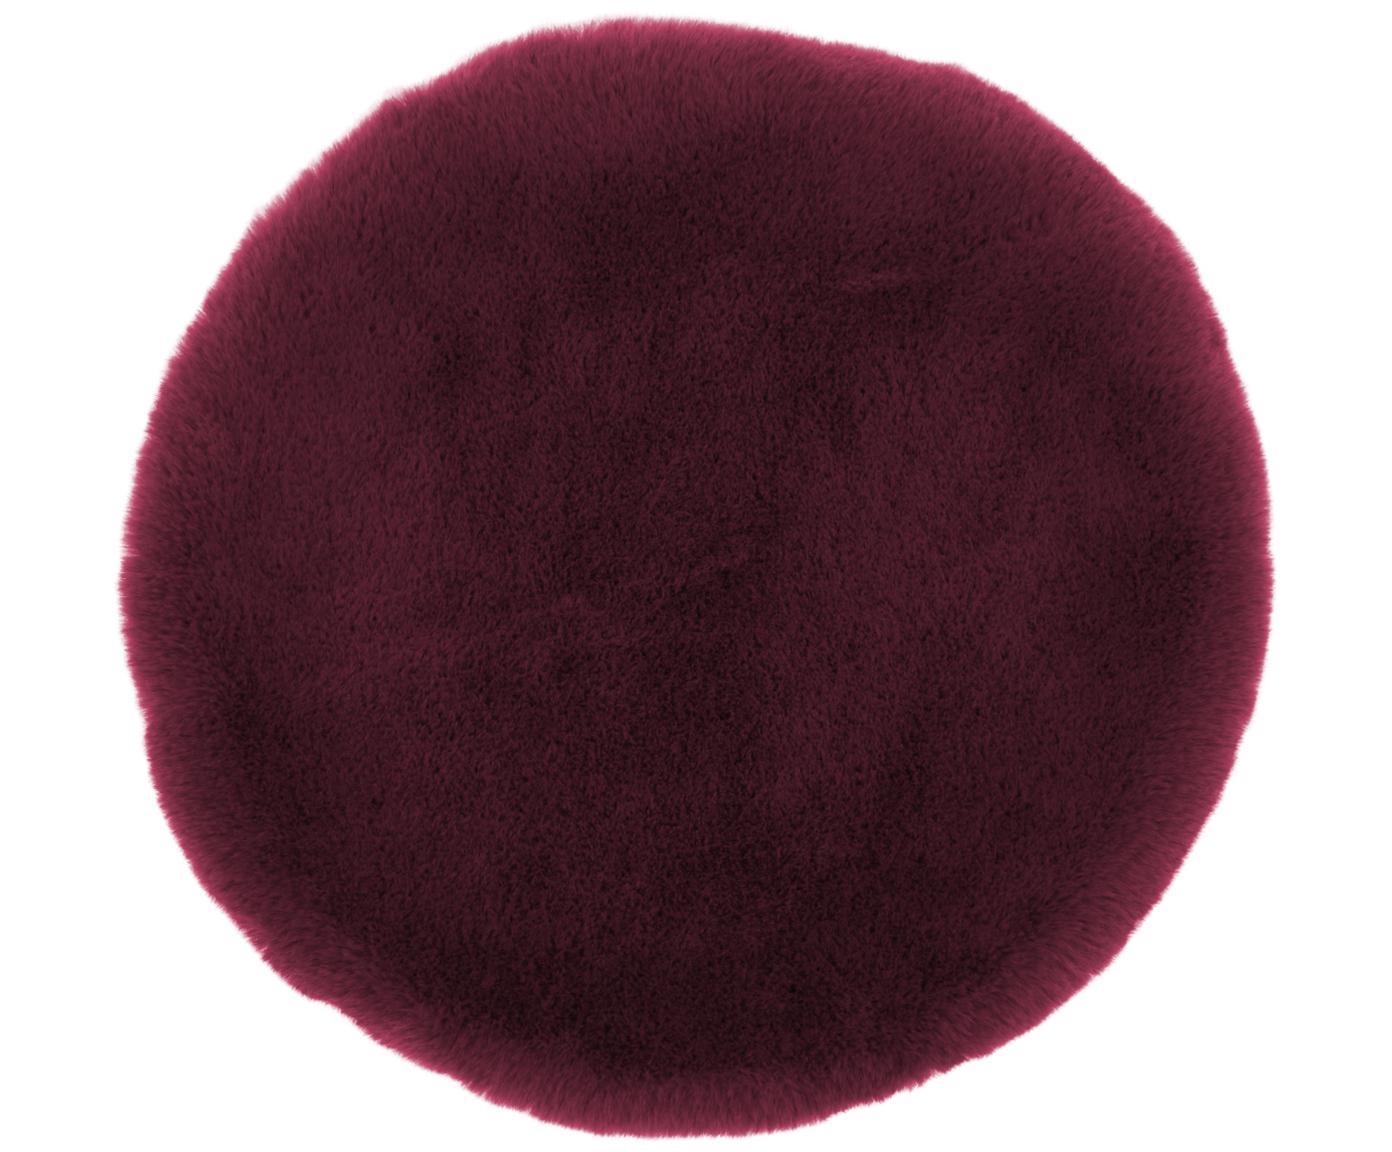 Nakładka na siedzisko ze sztucznego futra Mette, gładka, Ciemny czerwony, Ø 37 cm